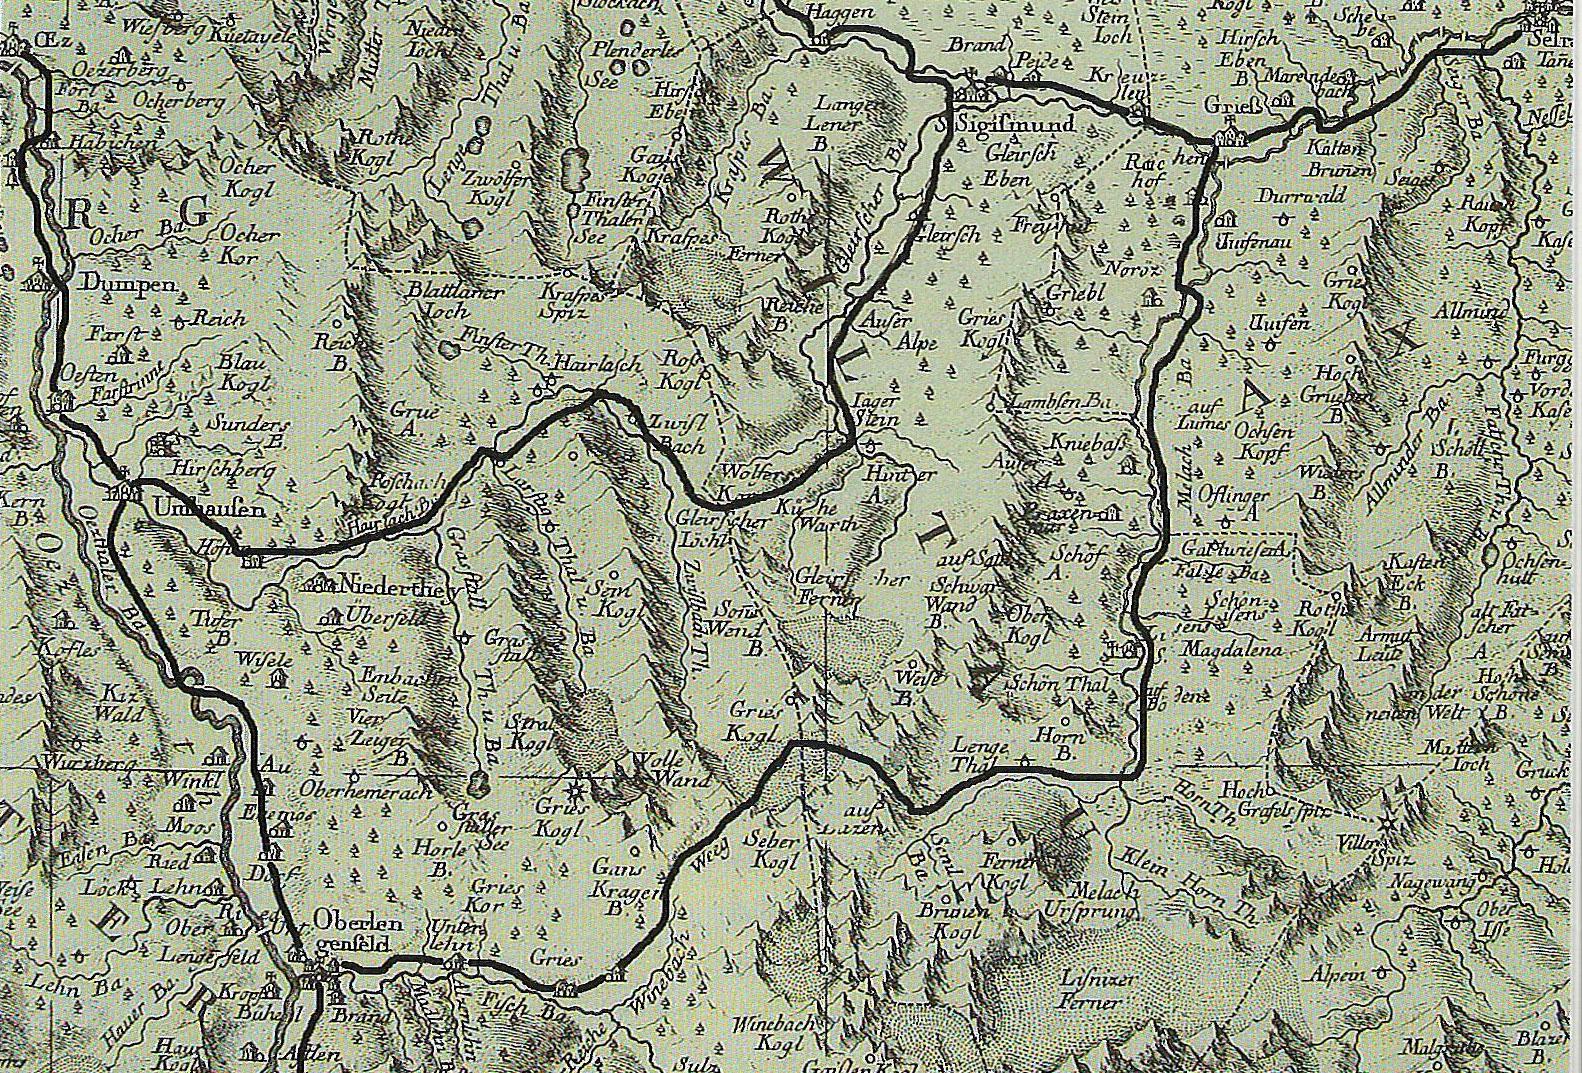 Alte Saumwege vom Ötztal ins Sellraintail - Vom Ötztal ins Sellraintal